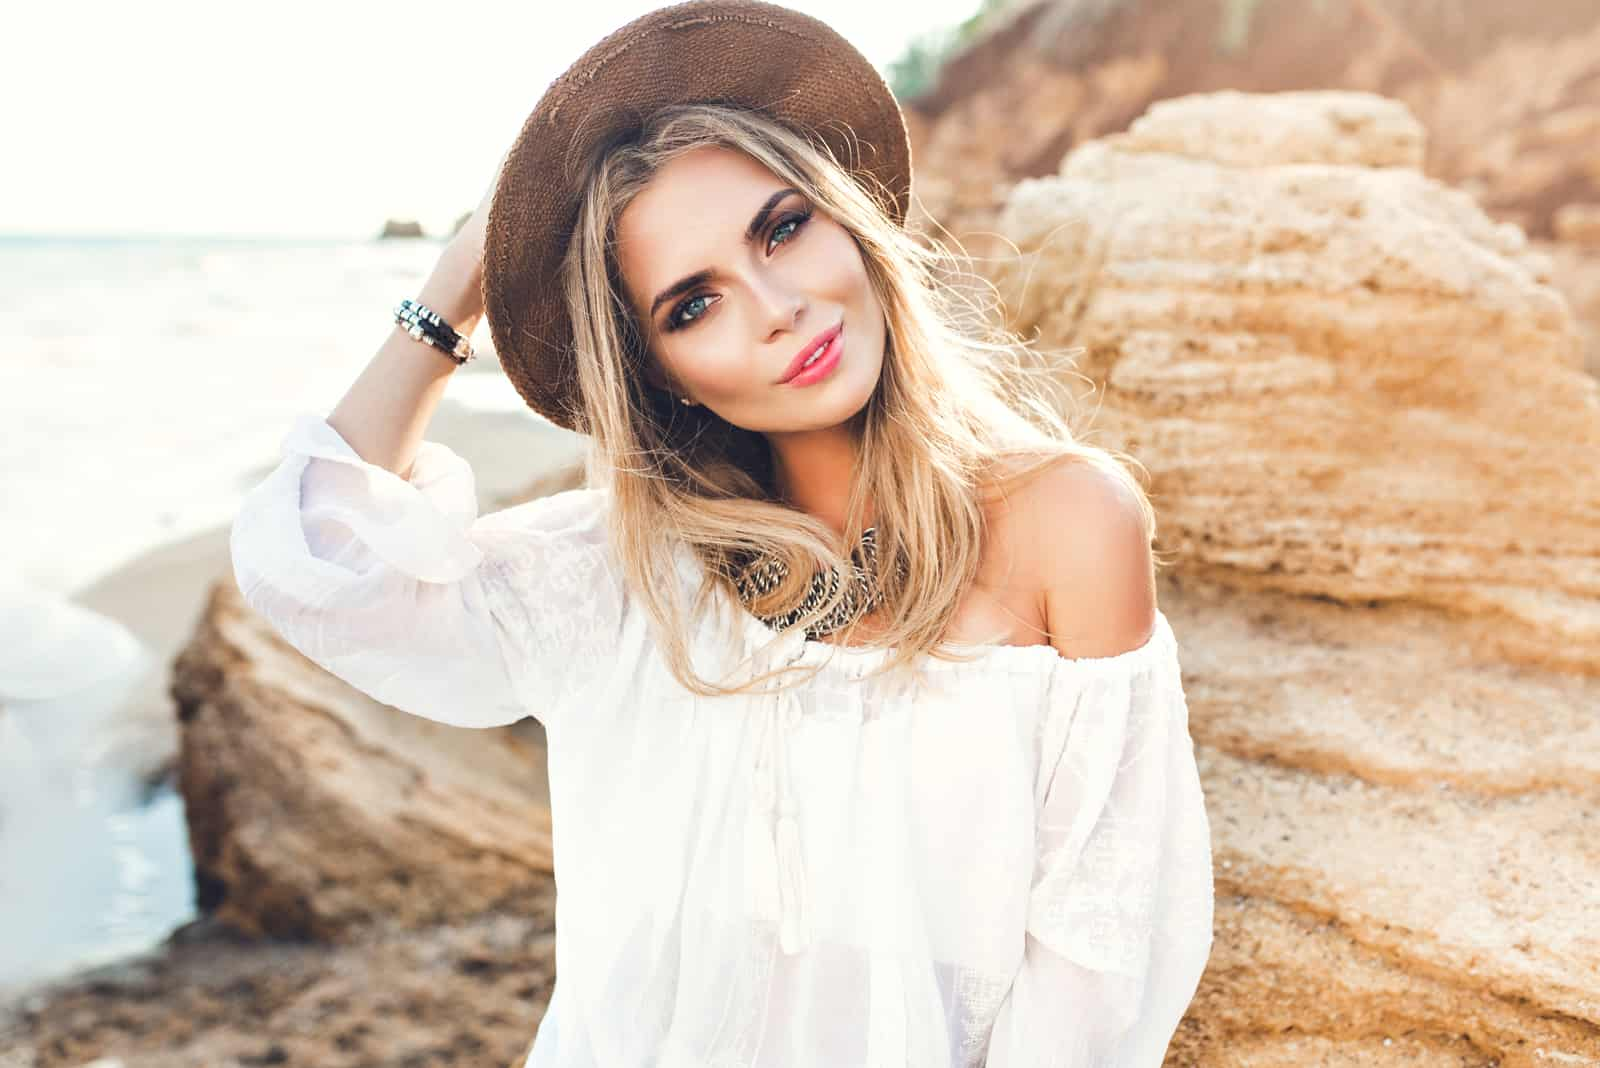 jolie fille blonde aux cheveux longs